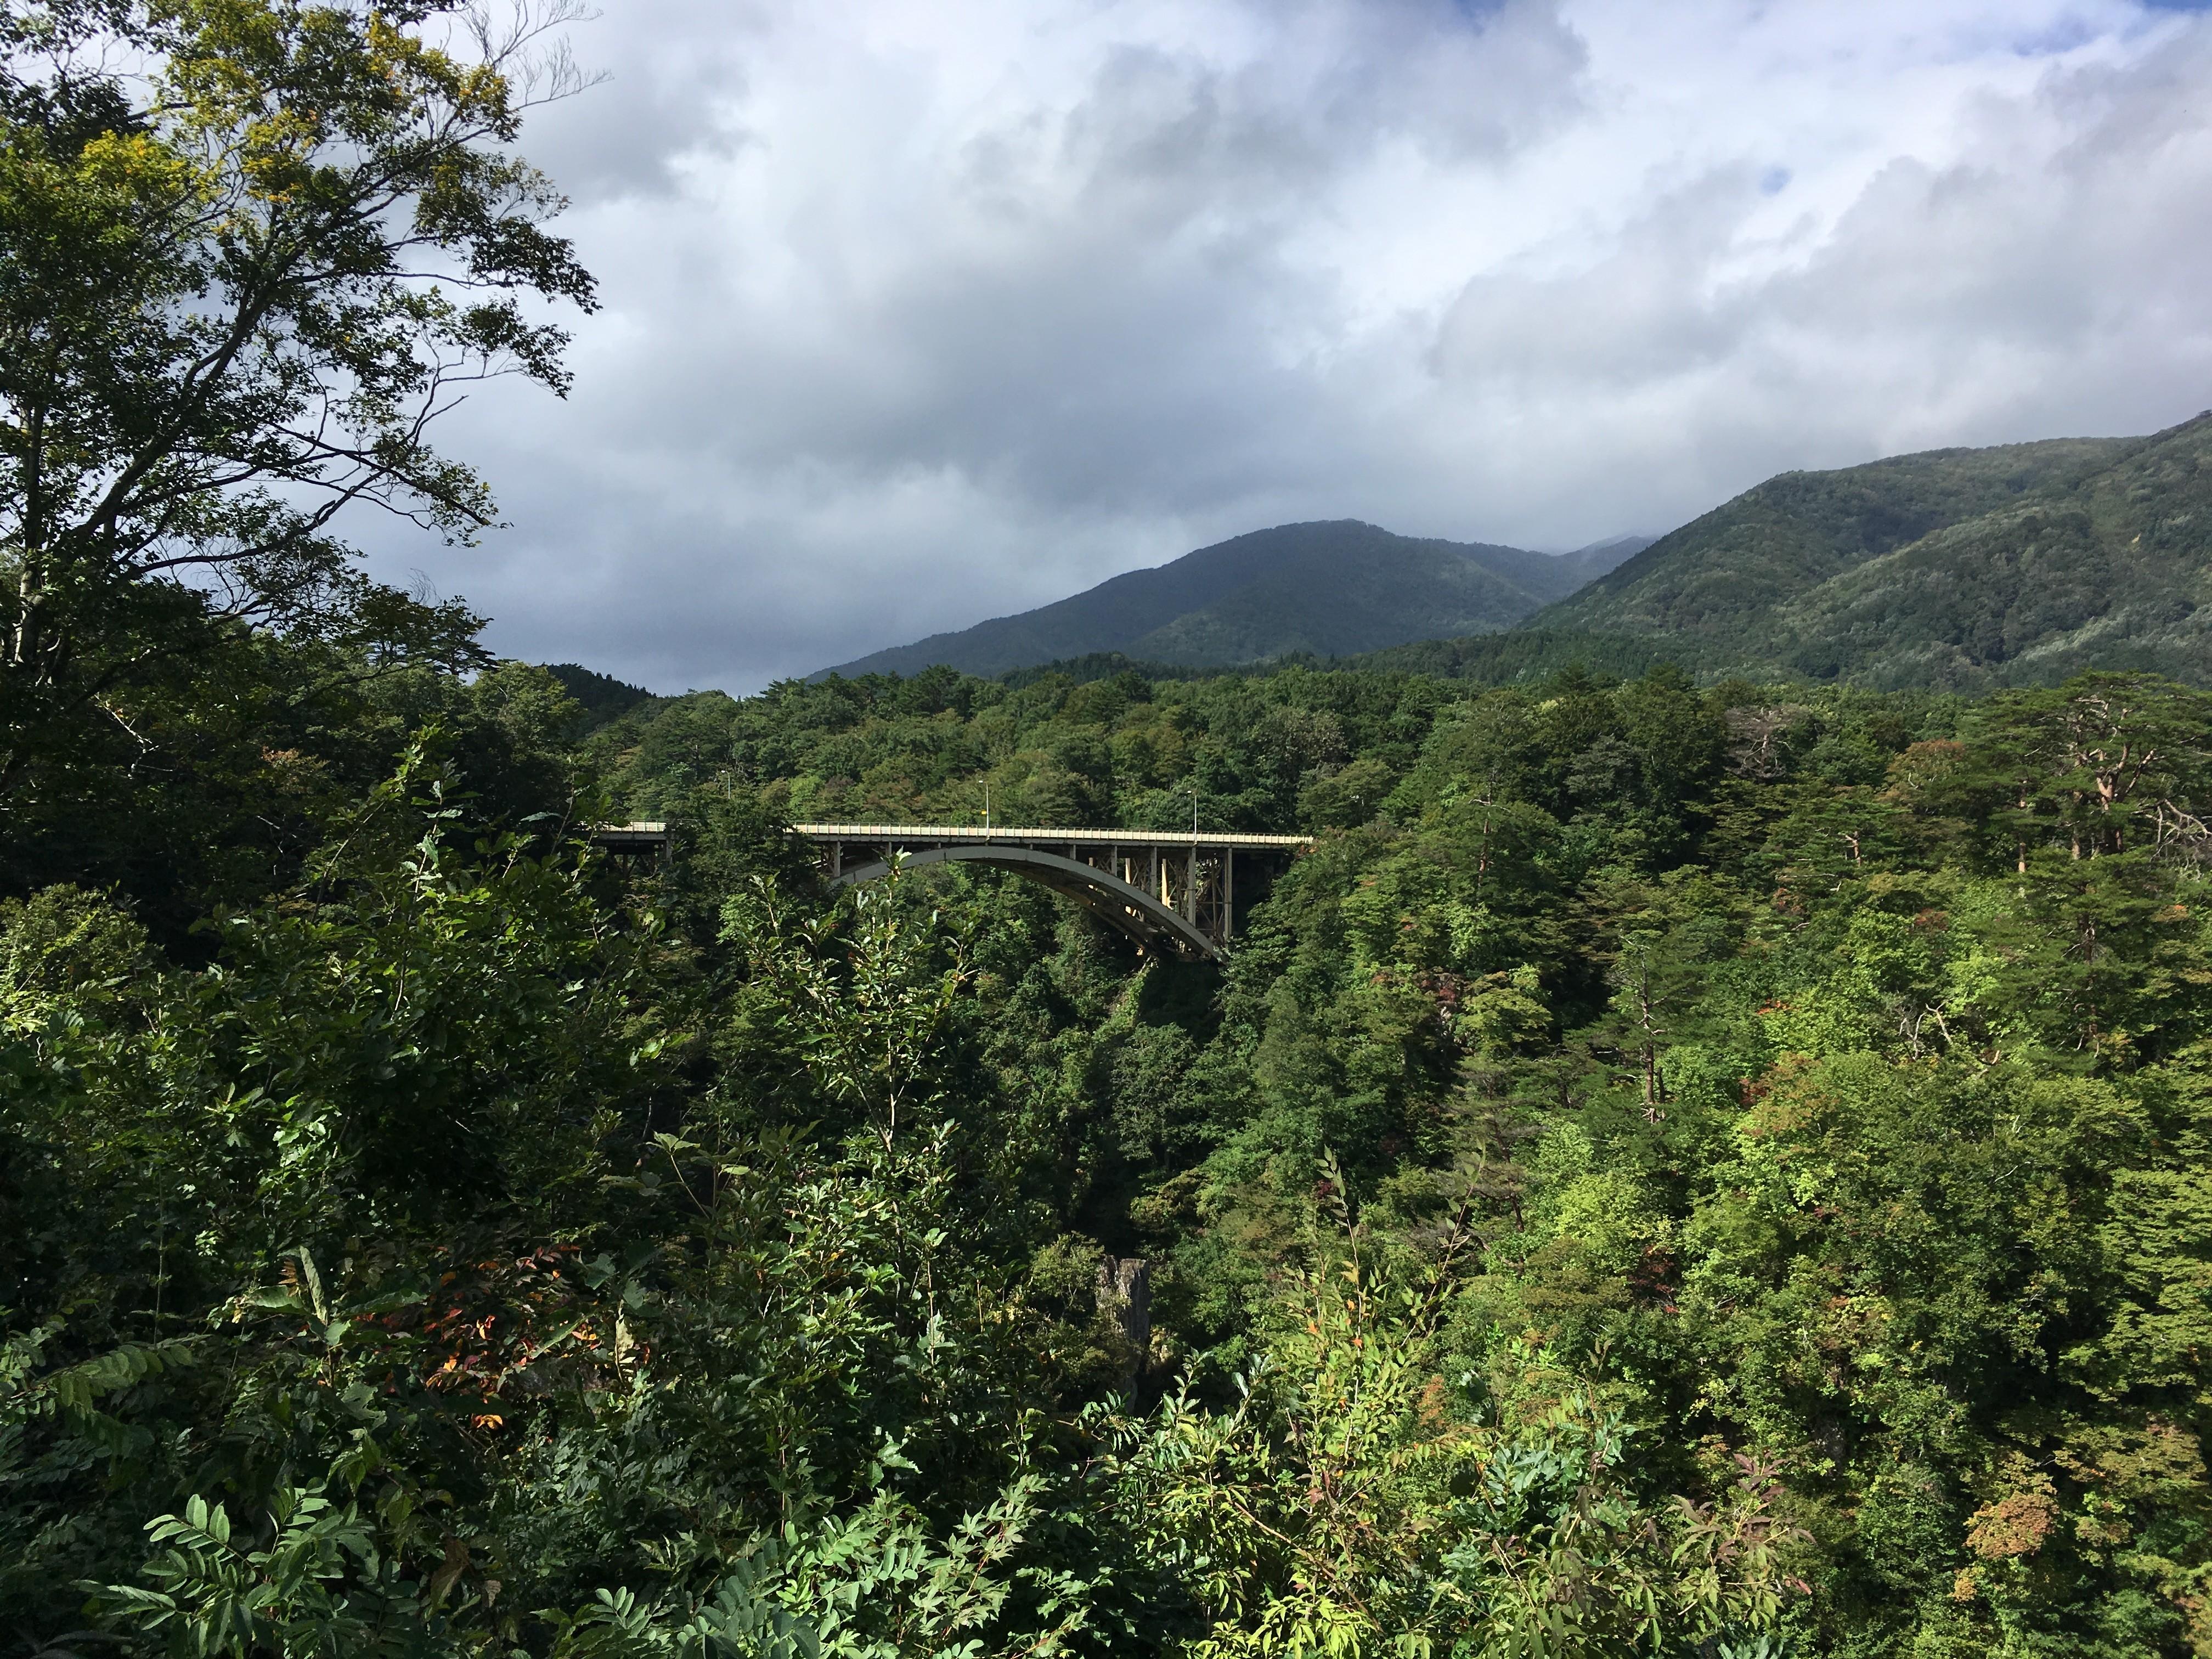 鳴子峡レストハウスから大深沢橋を眺める